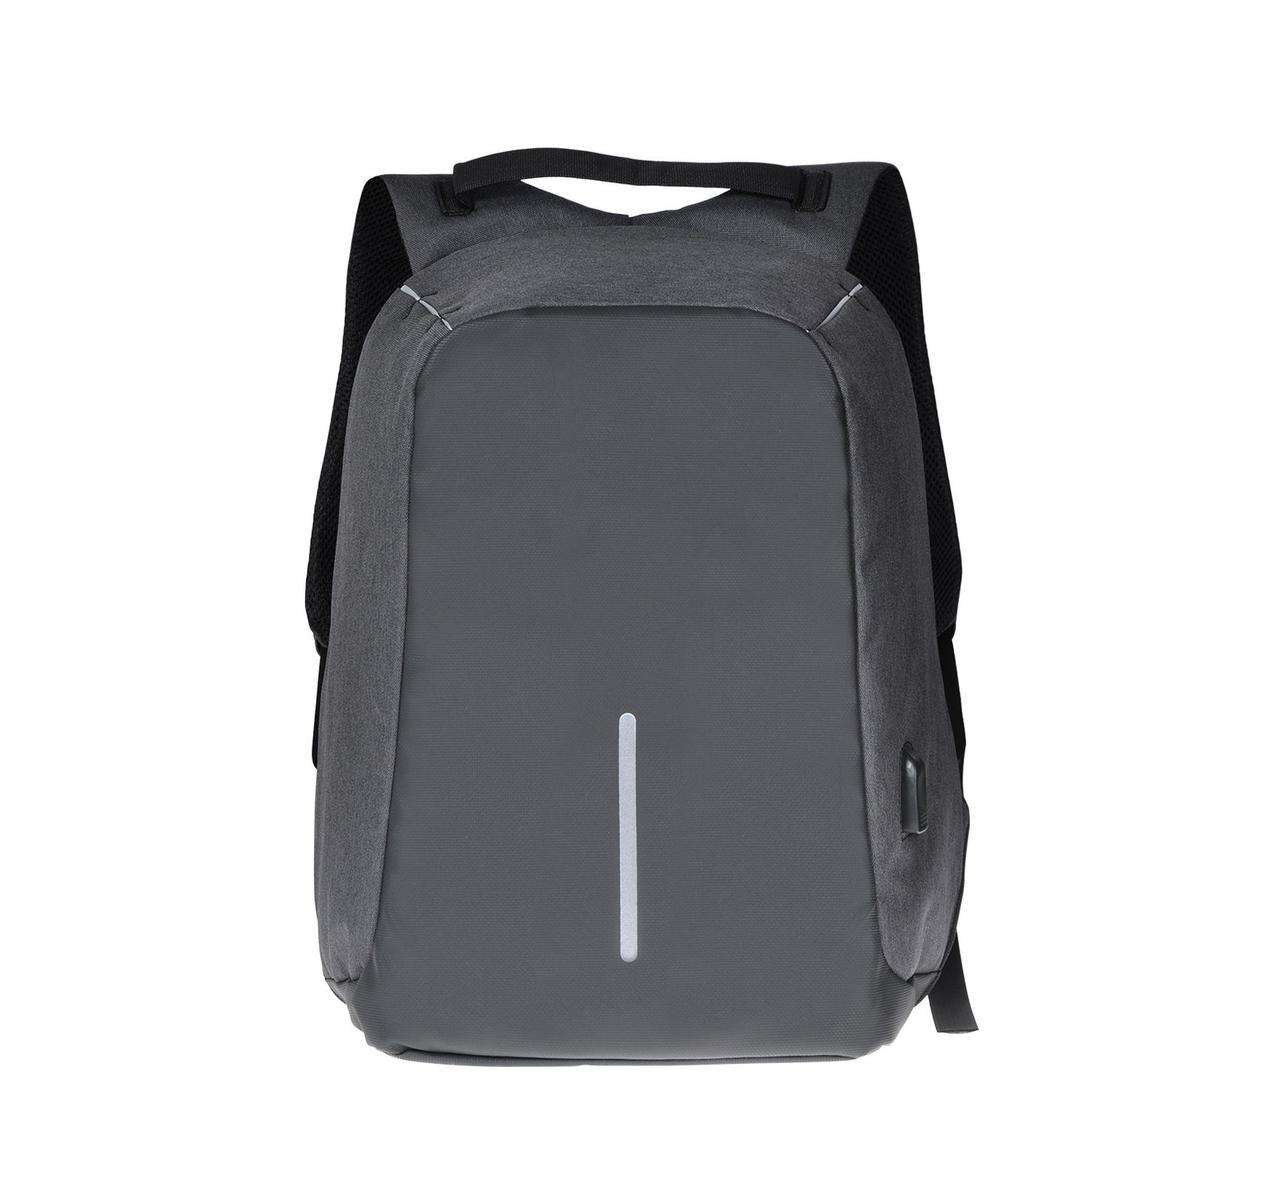 Рюкзак для ноутбука Fred 2, TM Columbus, под нанесение логотипов, фото 1